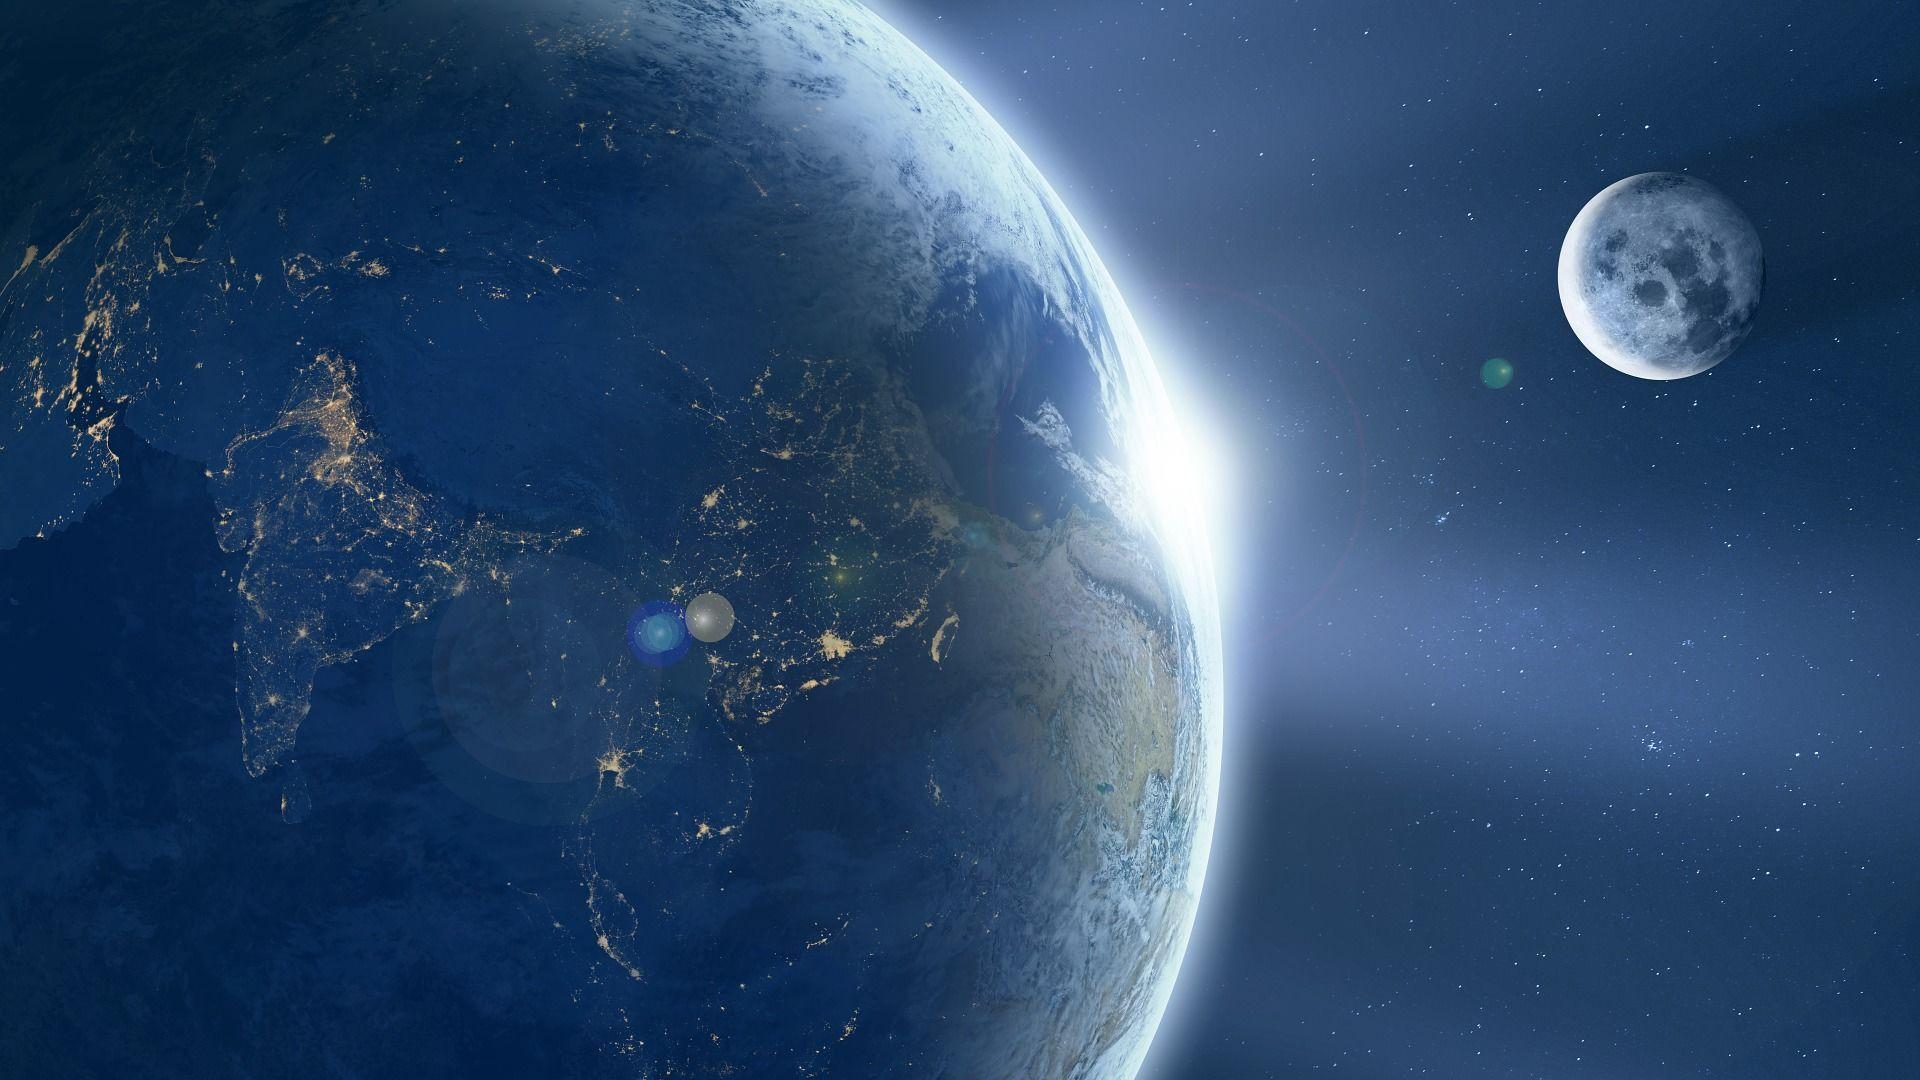 Il pianeta Terra e la Luna - Sputnik Italia, 1920, 16.09.2021